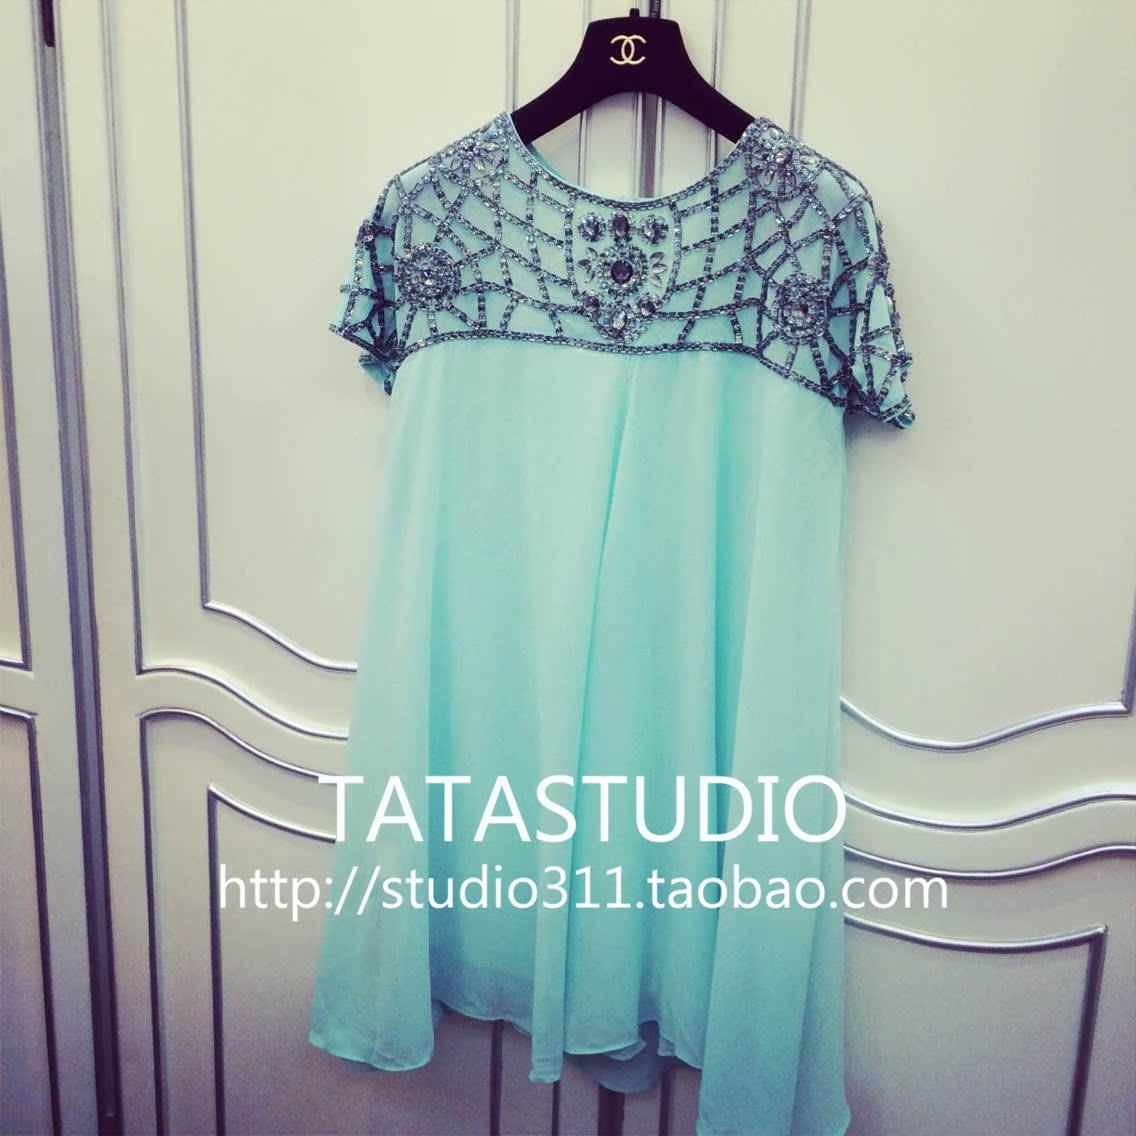 «TATASTUDIO» новой весной 2014 года и летней женской мята свободные платья